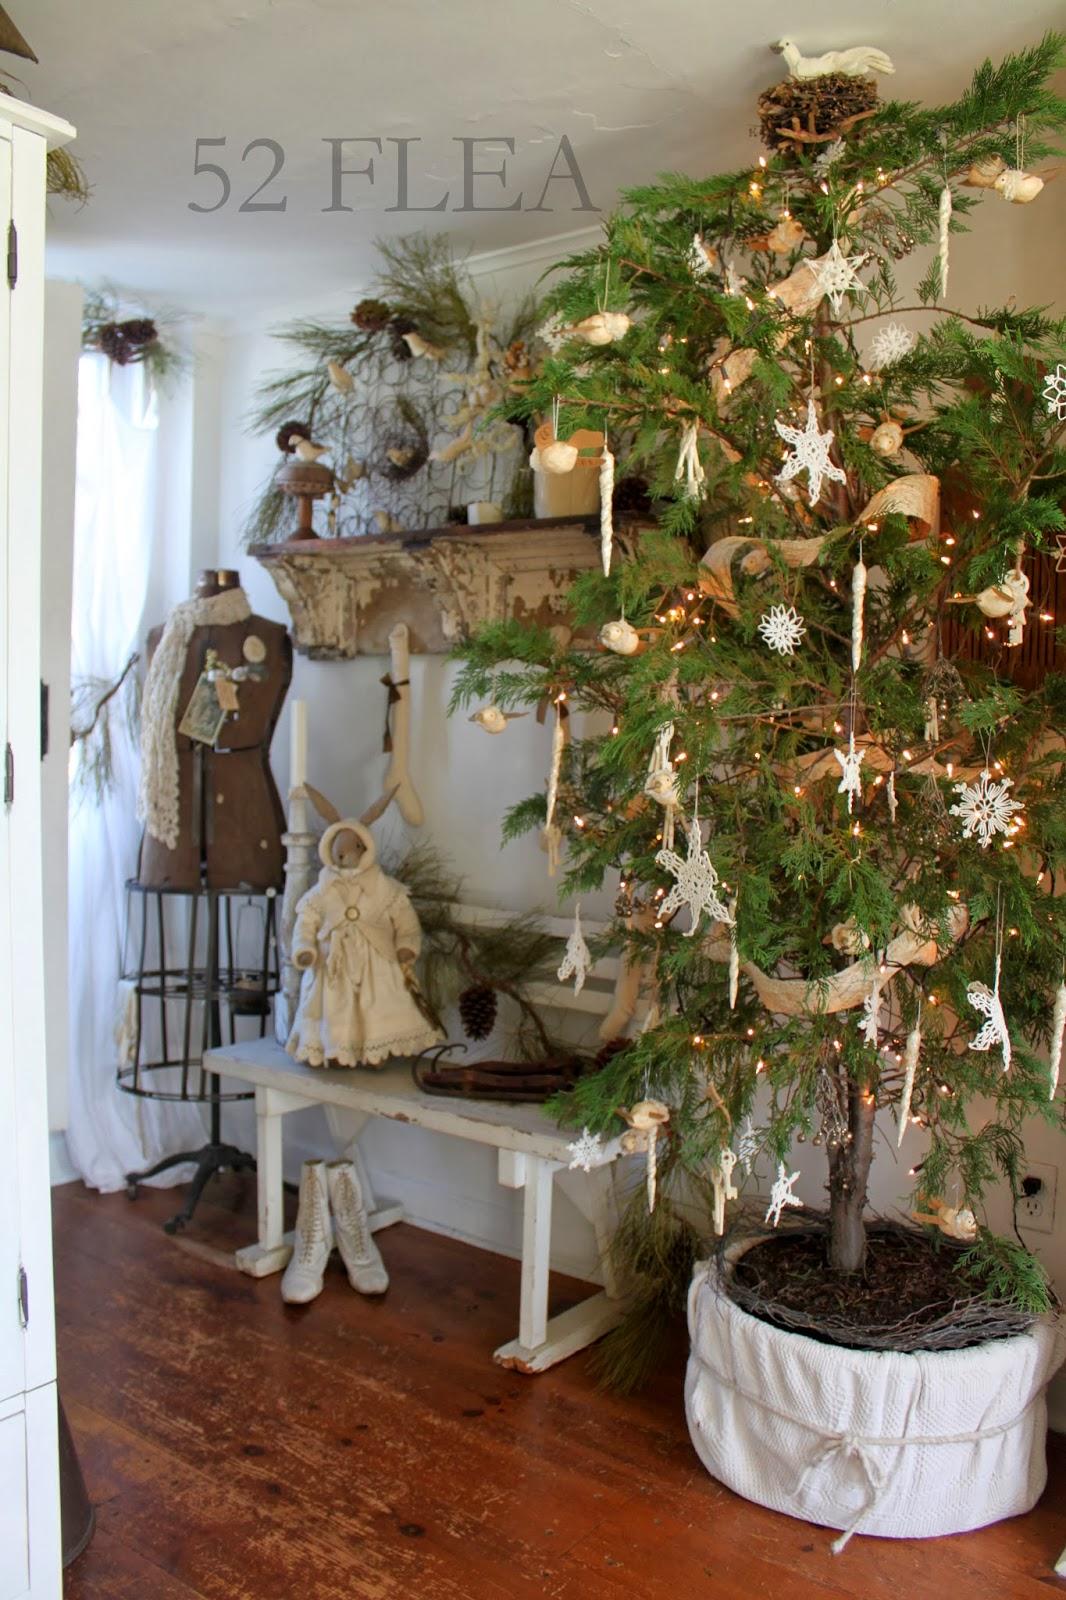 52 Flea Paula S Cozy Christmas Cottage 2013 Part 1